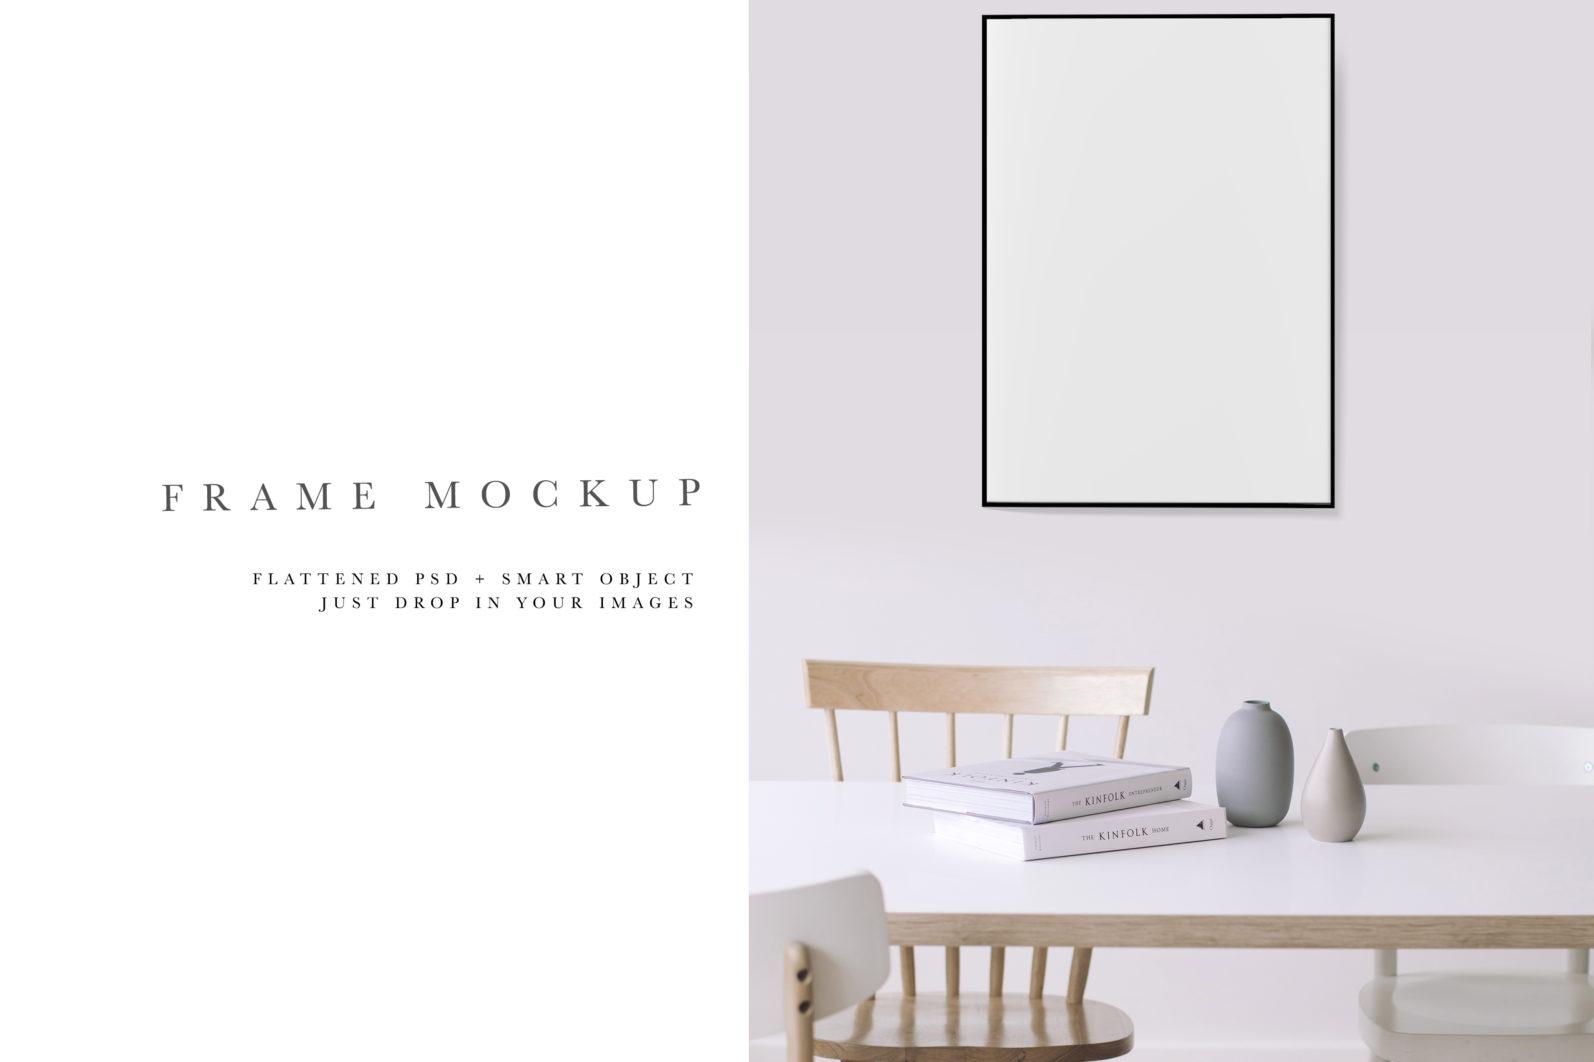 Frame Mockup #691, Black Portrait Photo Frame, Interior Frame Mock Up, PSD - 691 Preview 2 scaled -